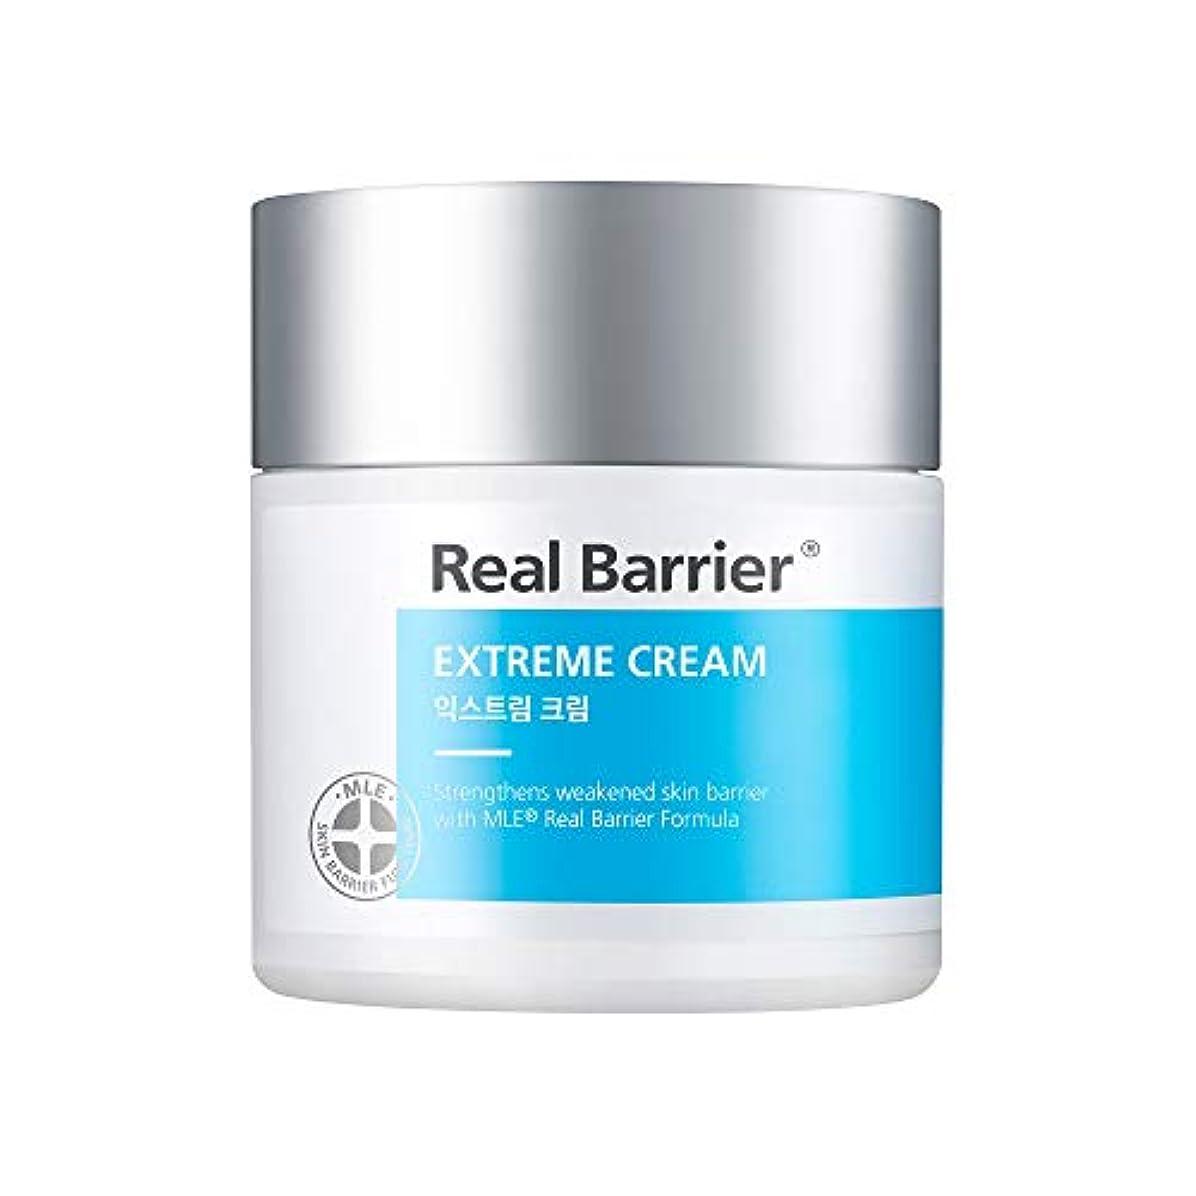 耐える東ティモール利点アトパーム(atopalm) リアルベリアエクストリームクリーム/Atopam Real Barrier Extreme Cream